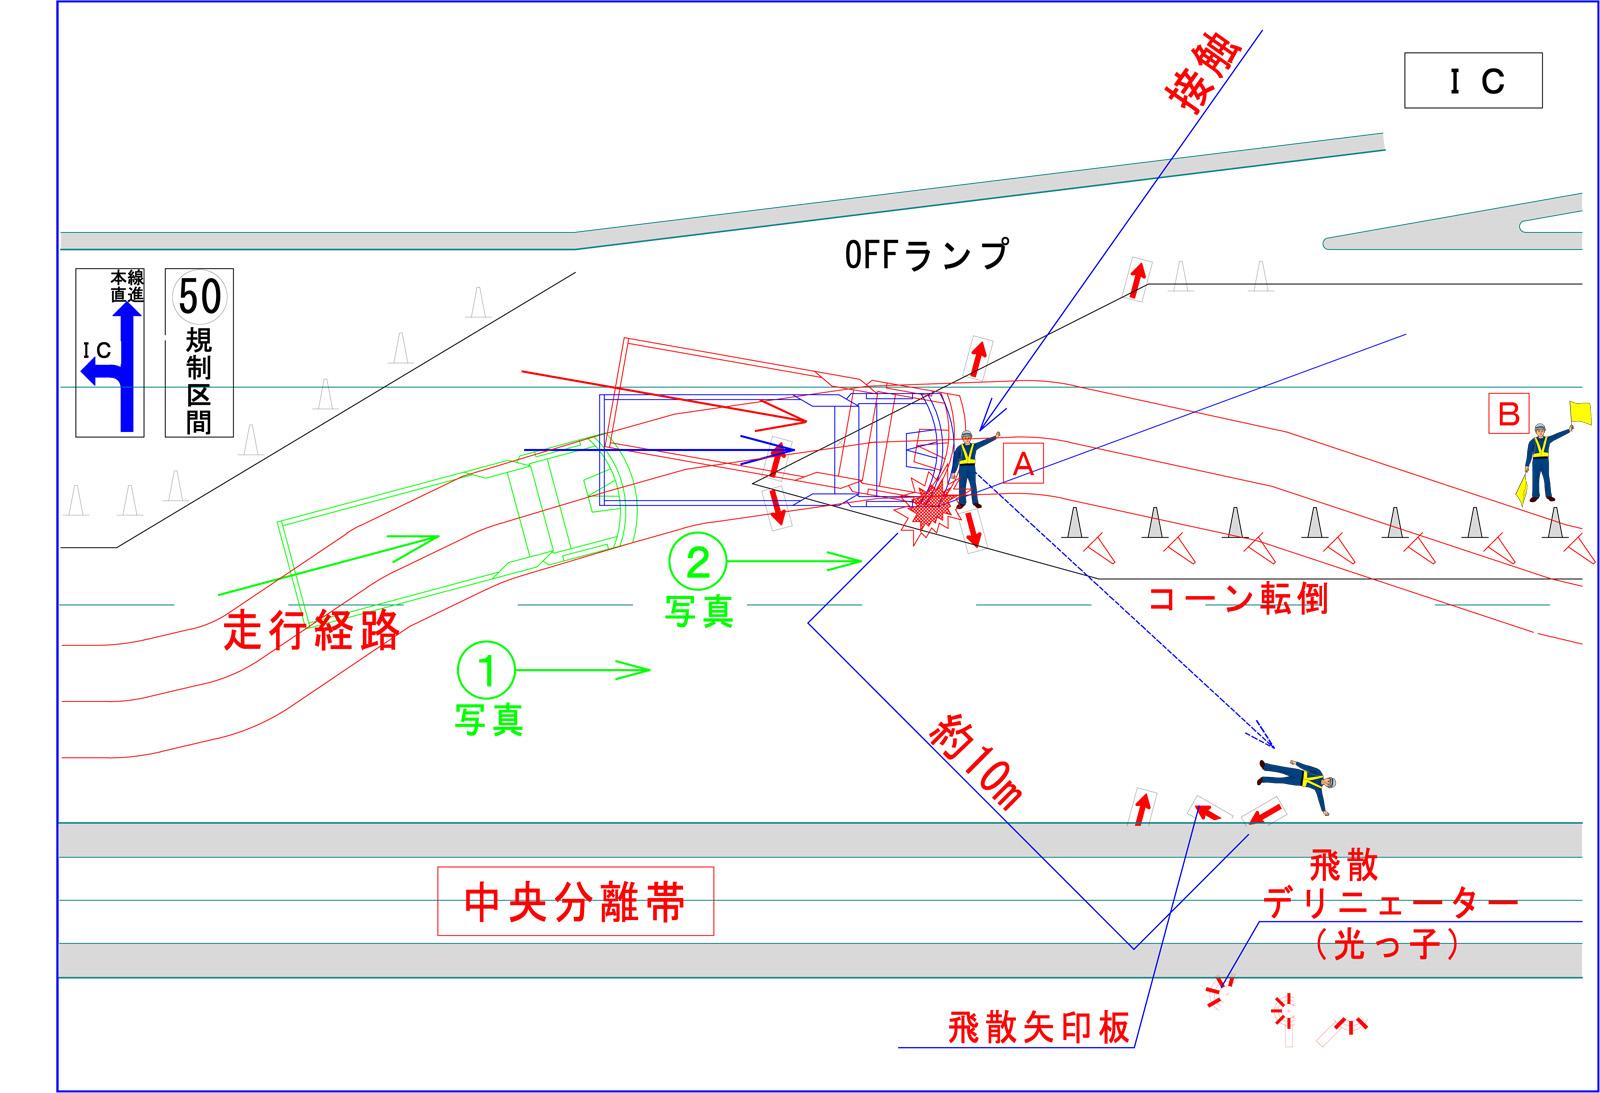 事故状況-拡大図